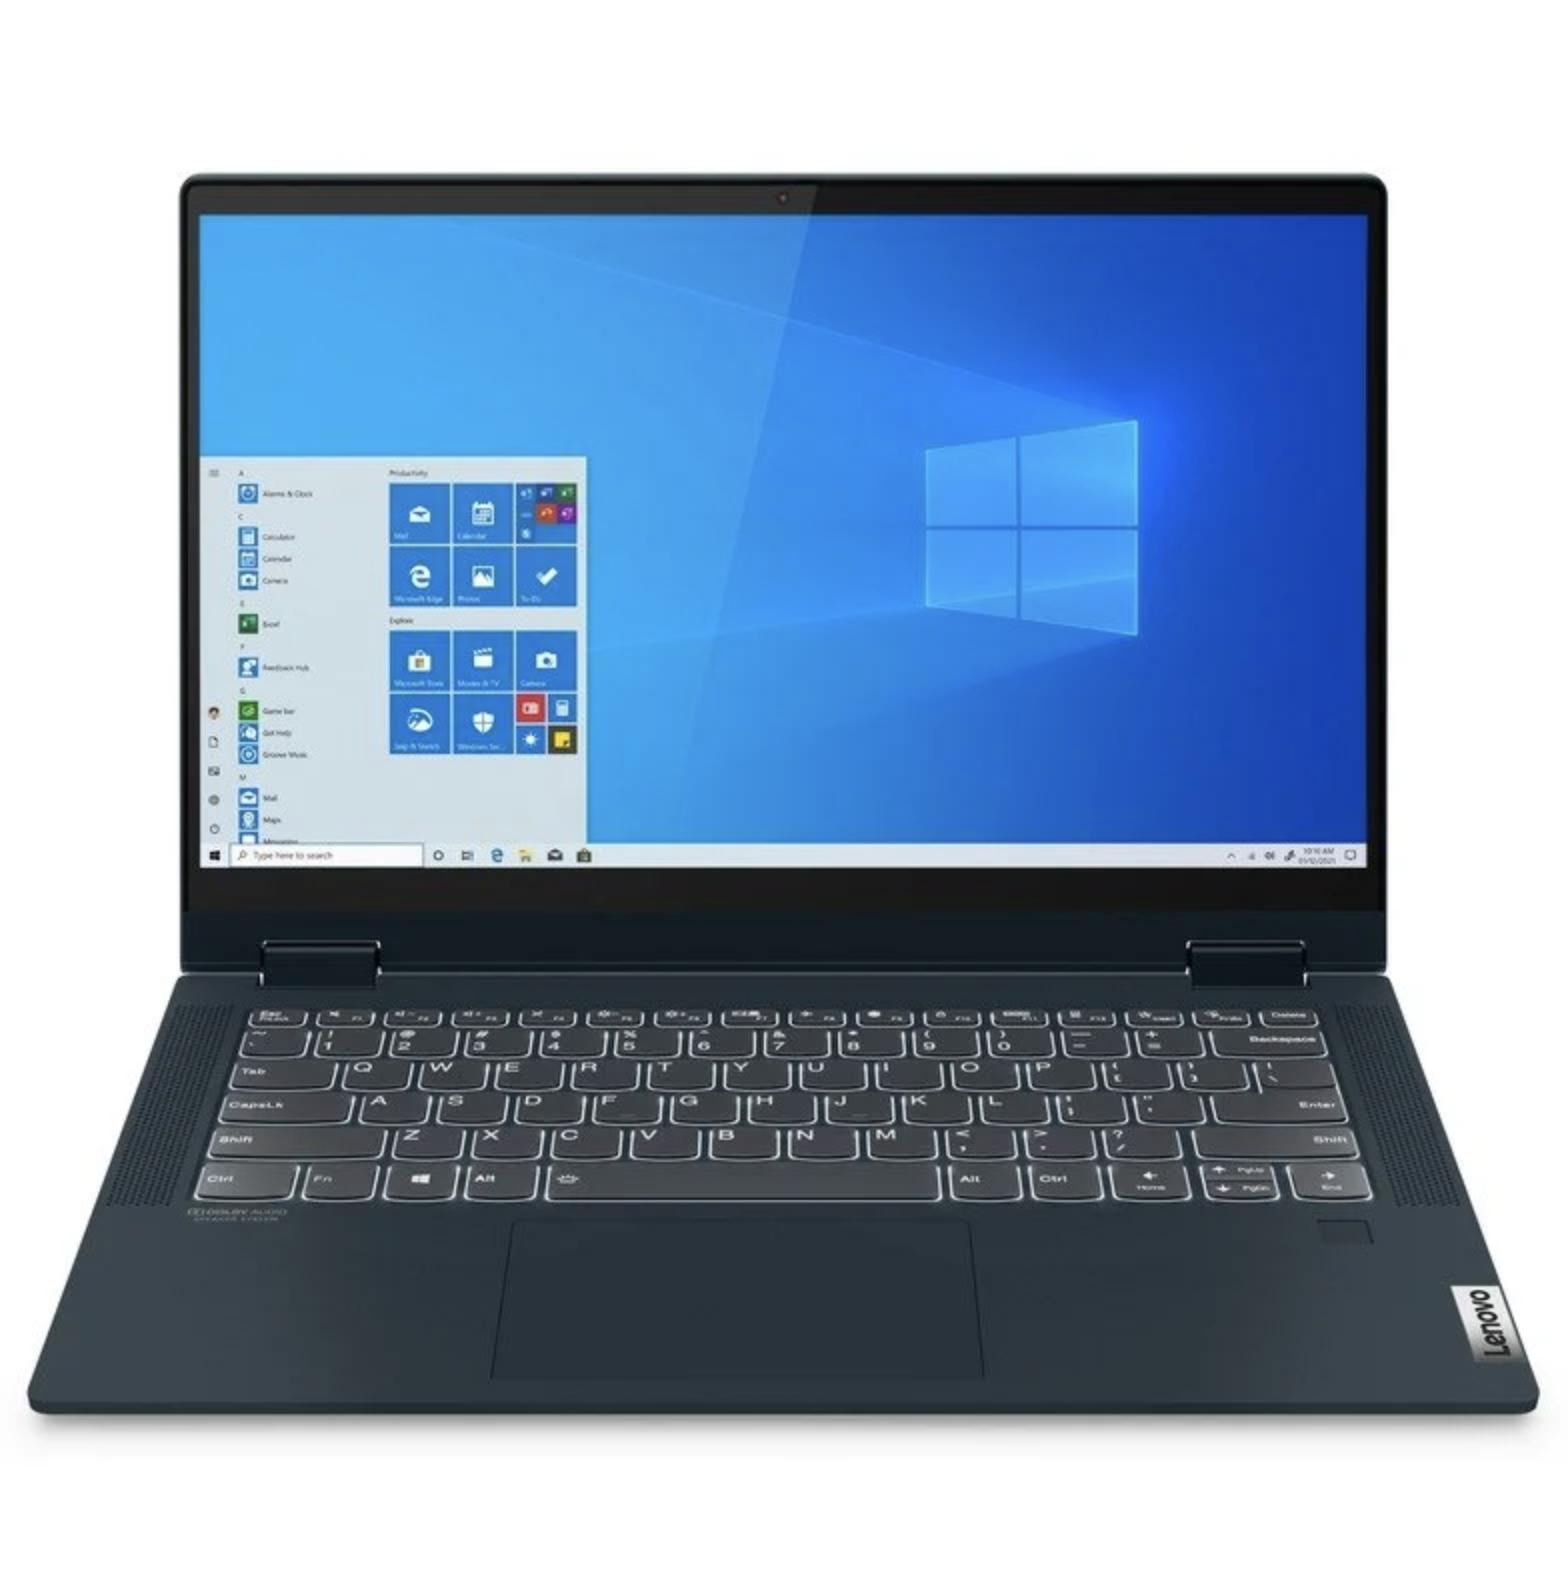 Lenovo IdeaPad Flex 5 14ALC05 AMD Ryzen 5 5500U 8GB 512GB SSD 14 Tactil